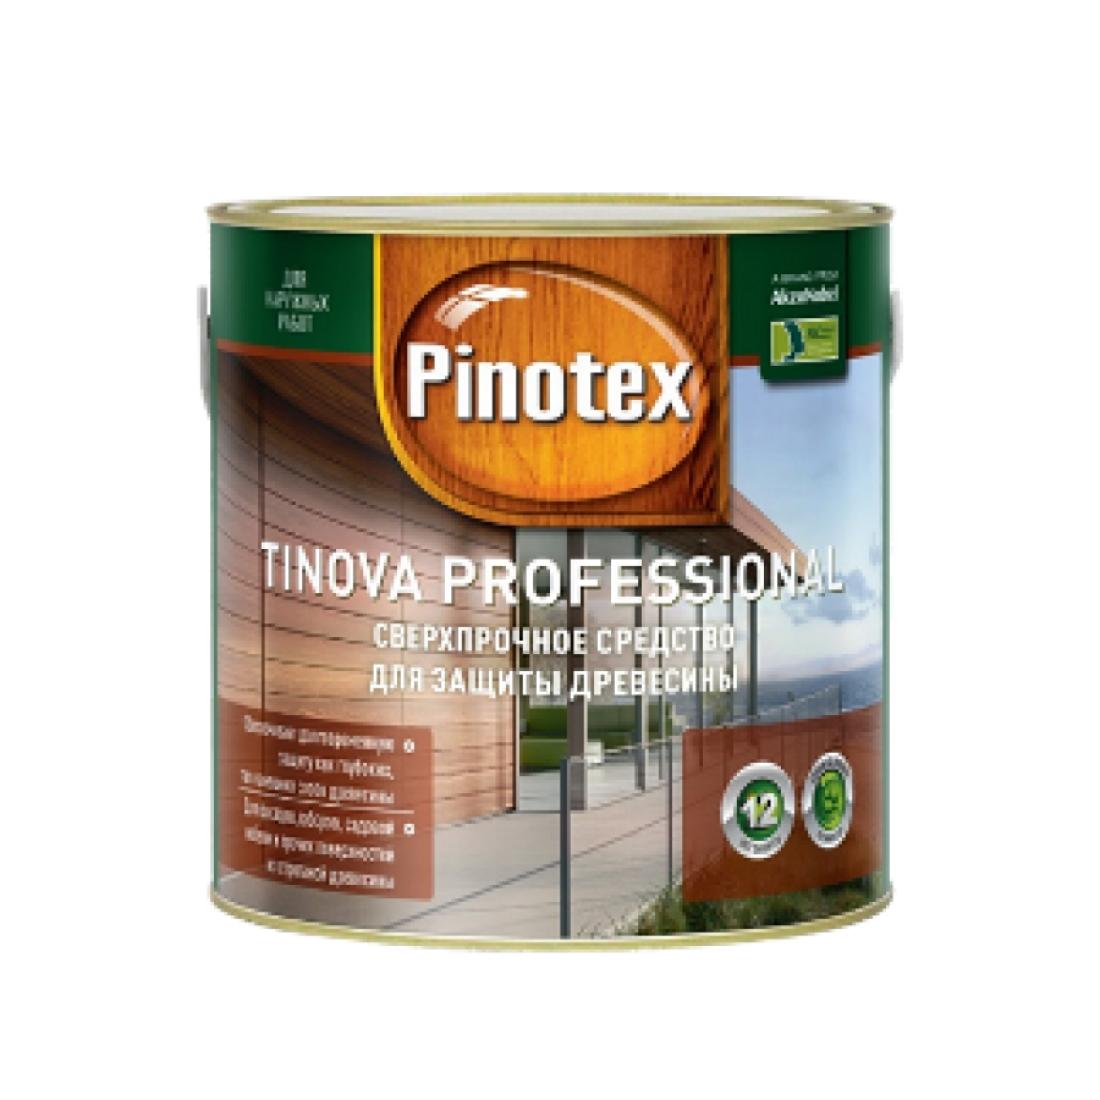 PINOTEX TINOVA цветной антисептик для профессиональной защиты, гарантия 12 лет! (0,75 л) Сосна